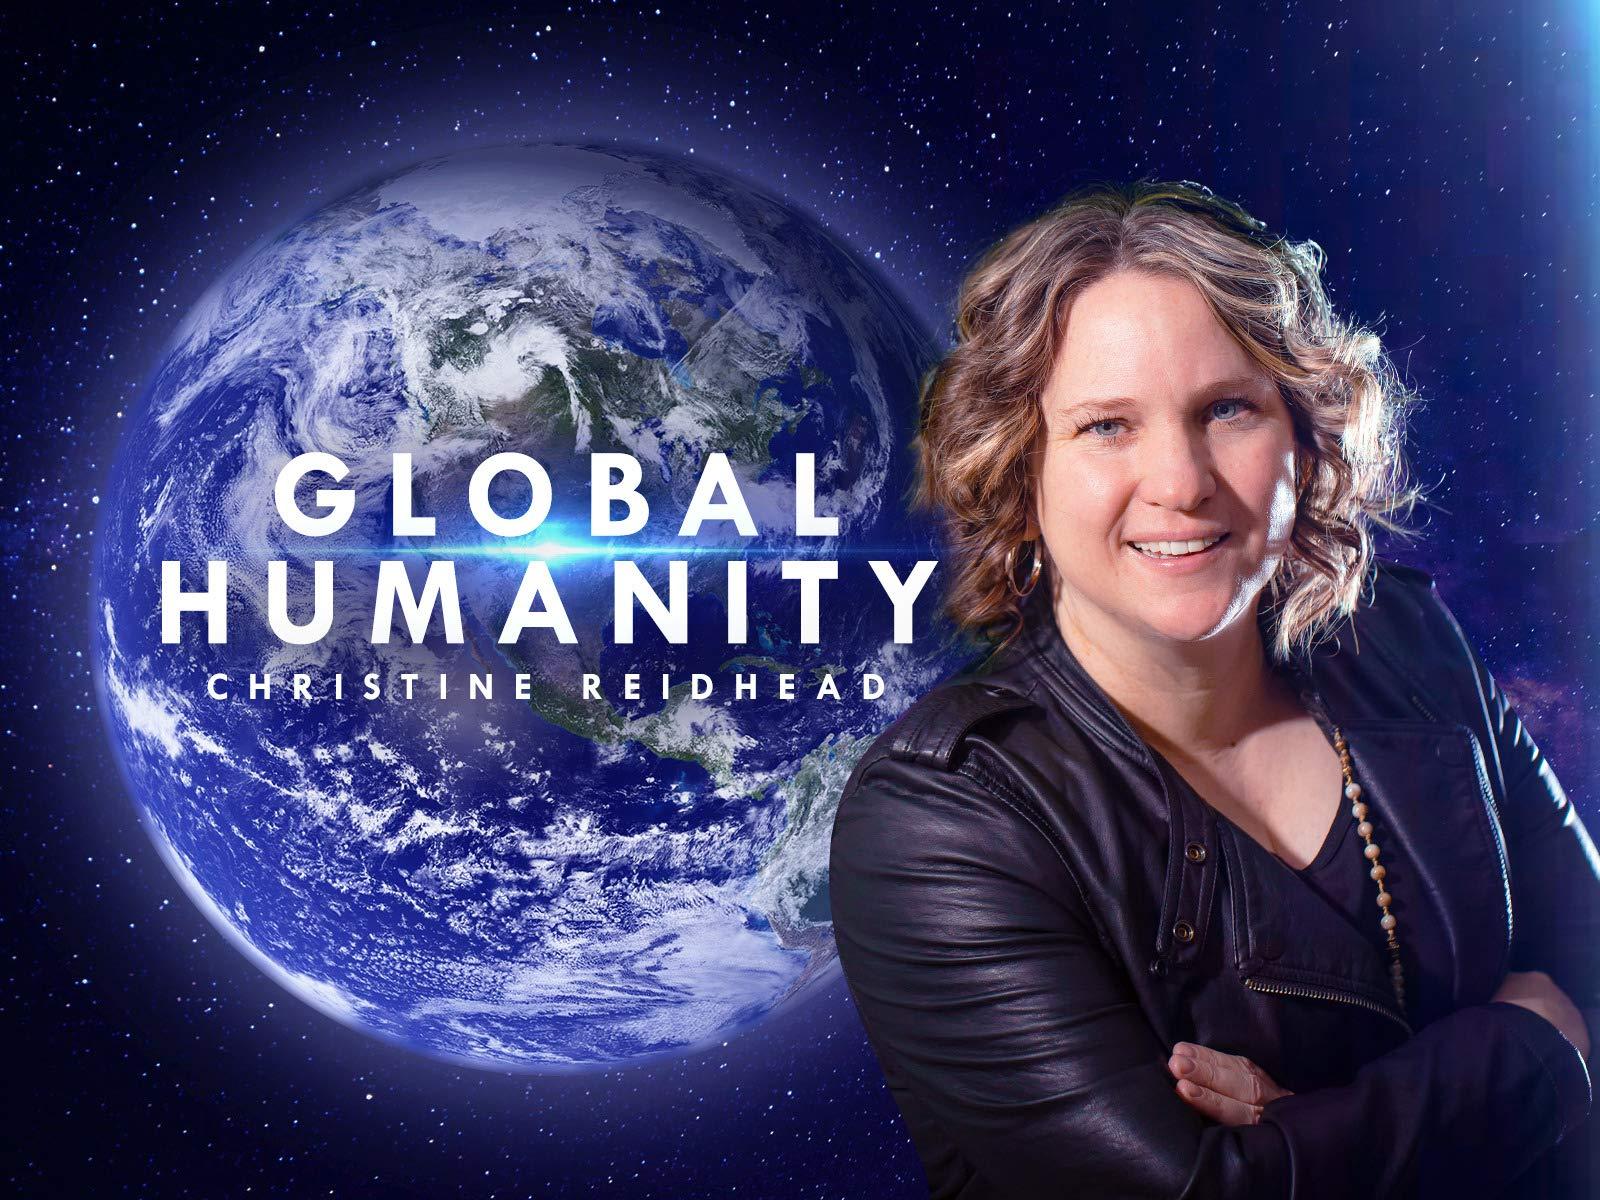 Global Humanity